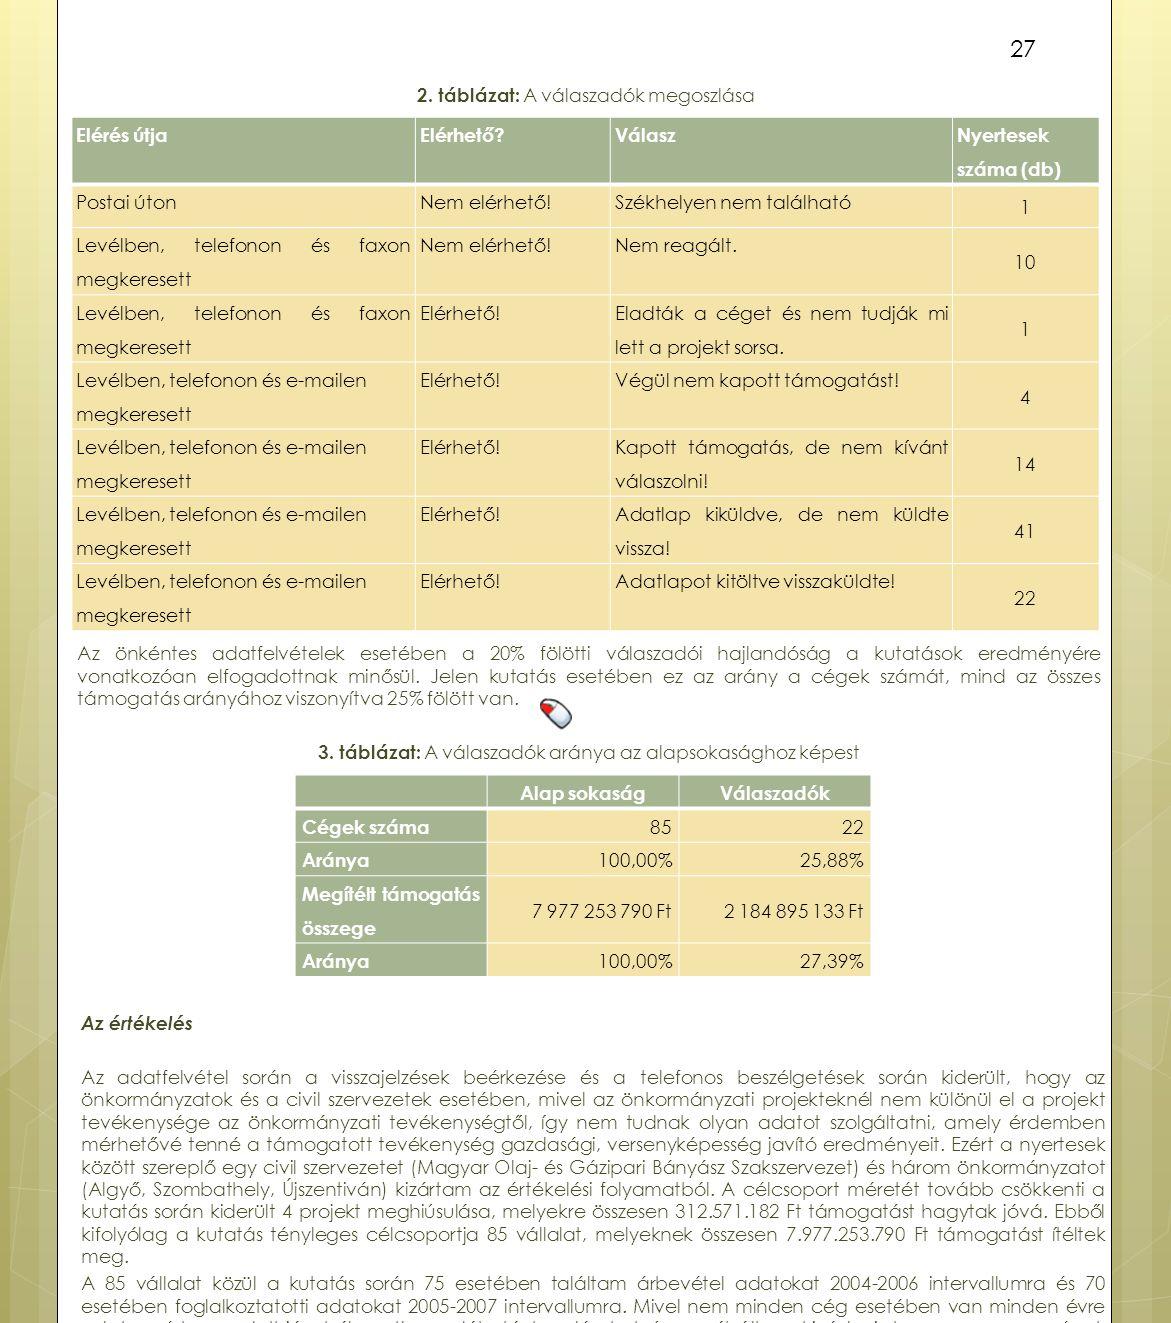 2. táblázat: A válaszadók megoszlása